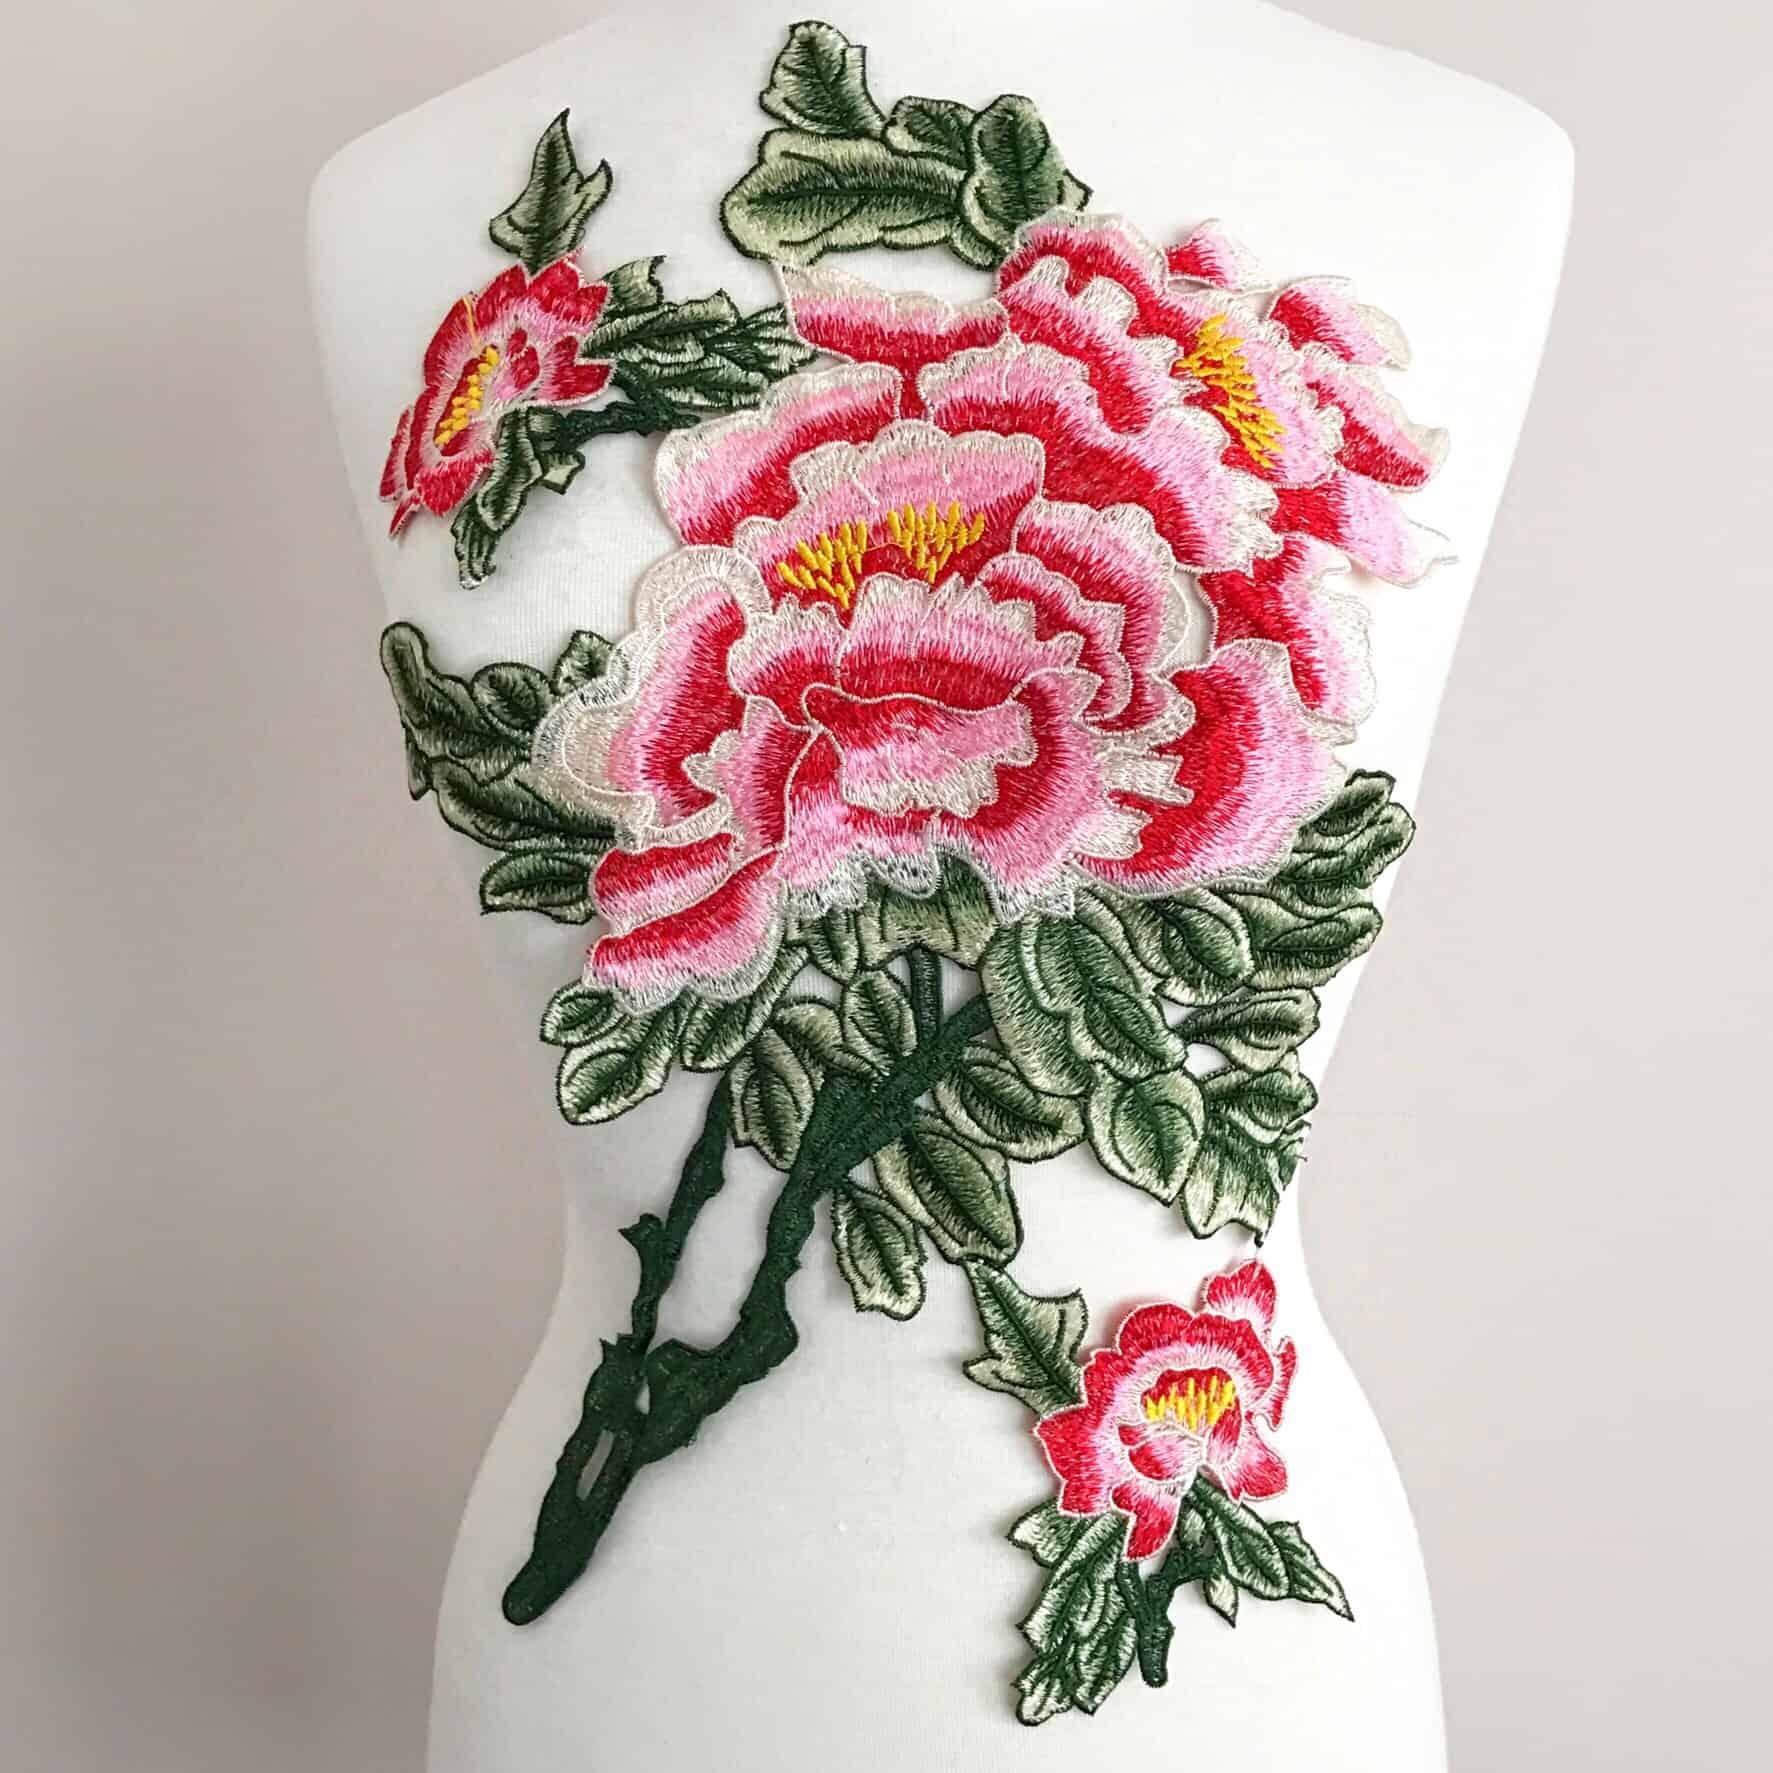 Superbloom Floral Embroidered Applique